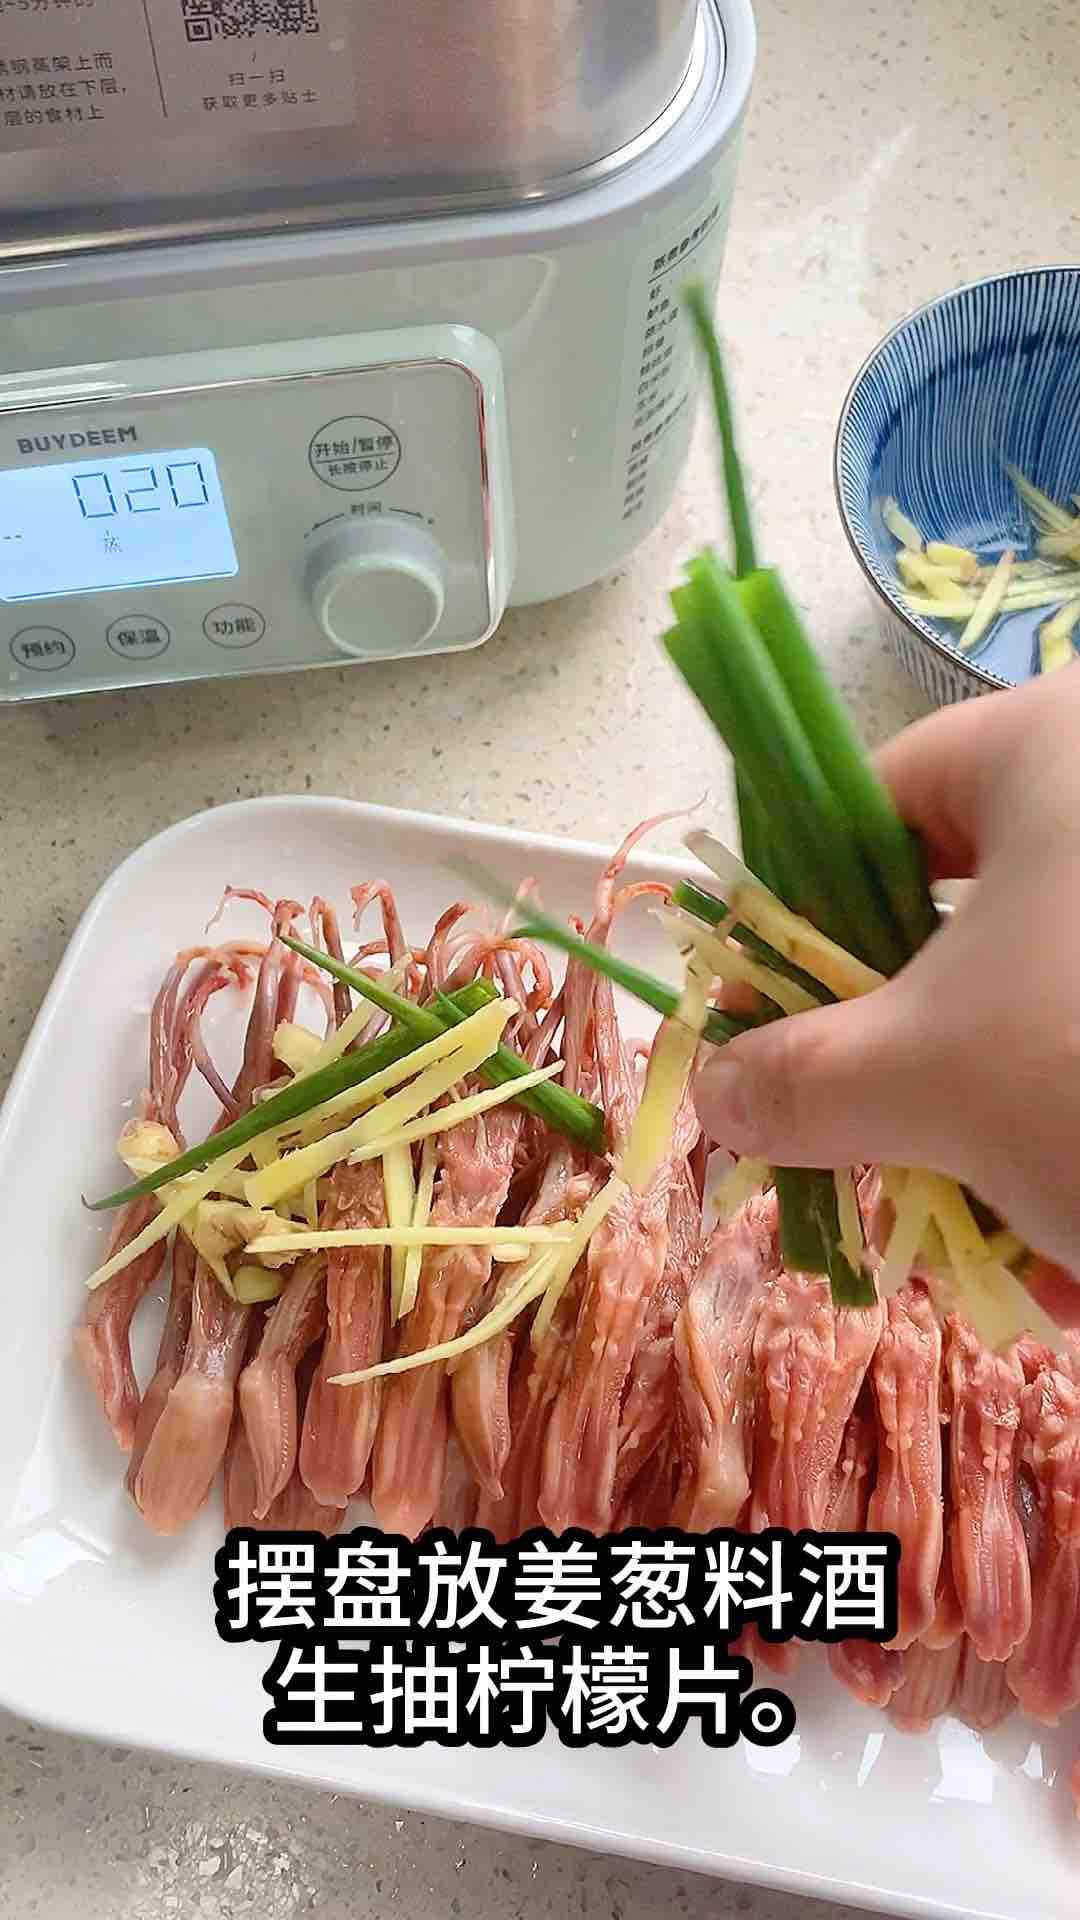 温州人年菜里少不了的冷盘,寓意好味道好的简单做法